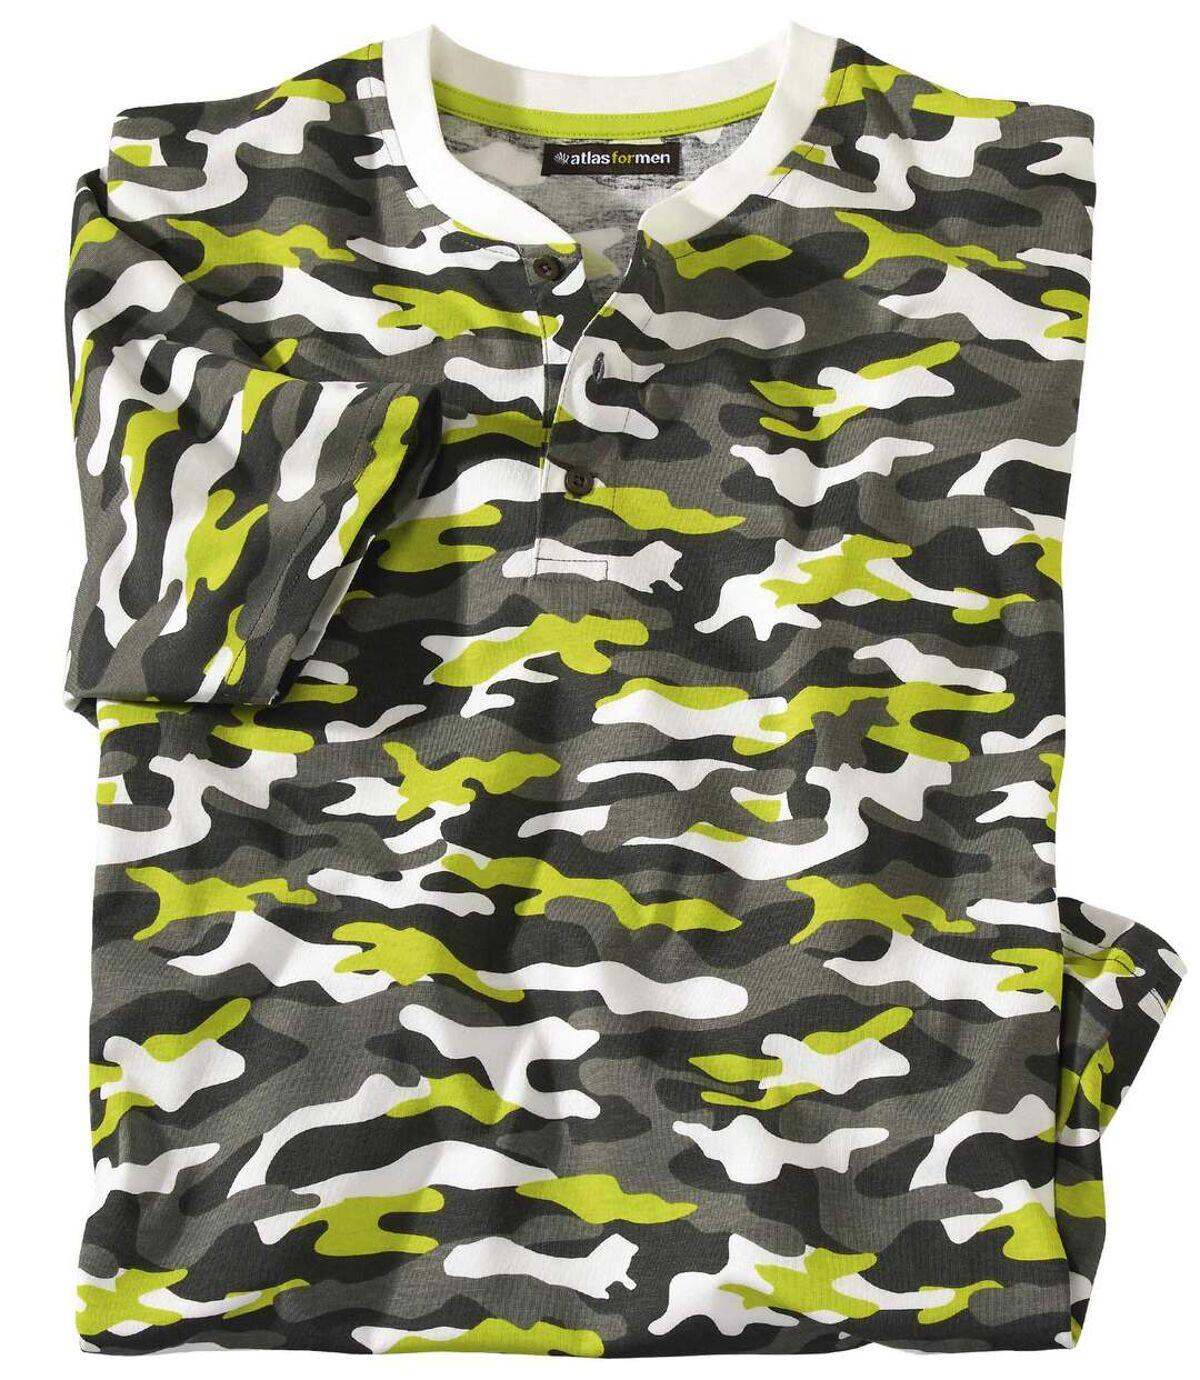 Men's Camouflage Print T-Shirt Atlas For Men